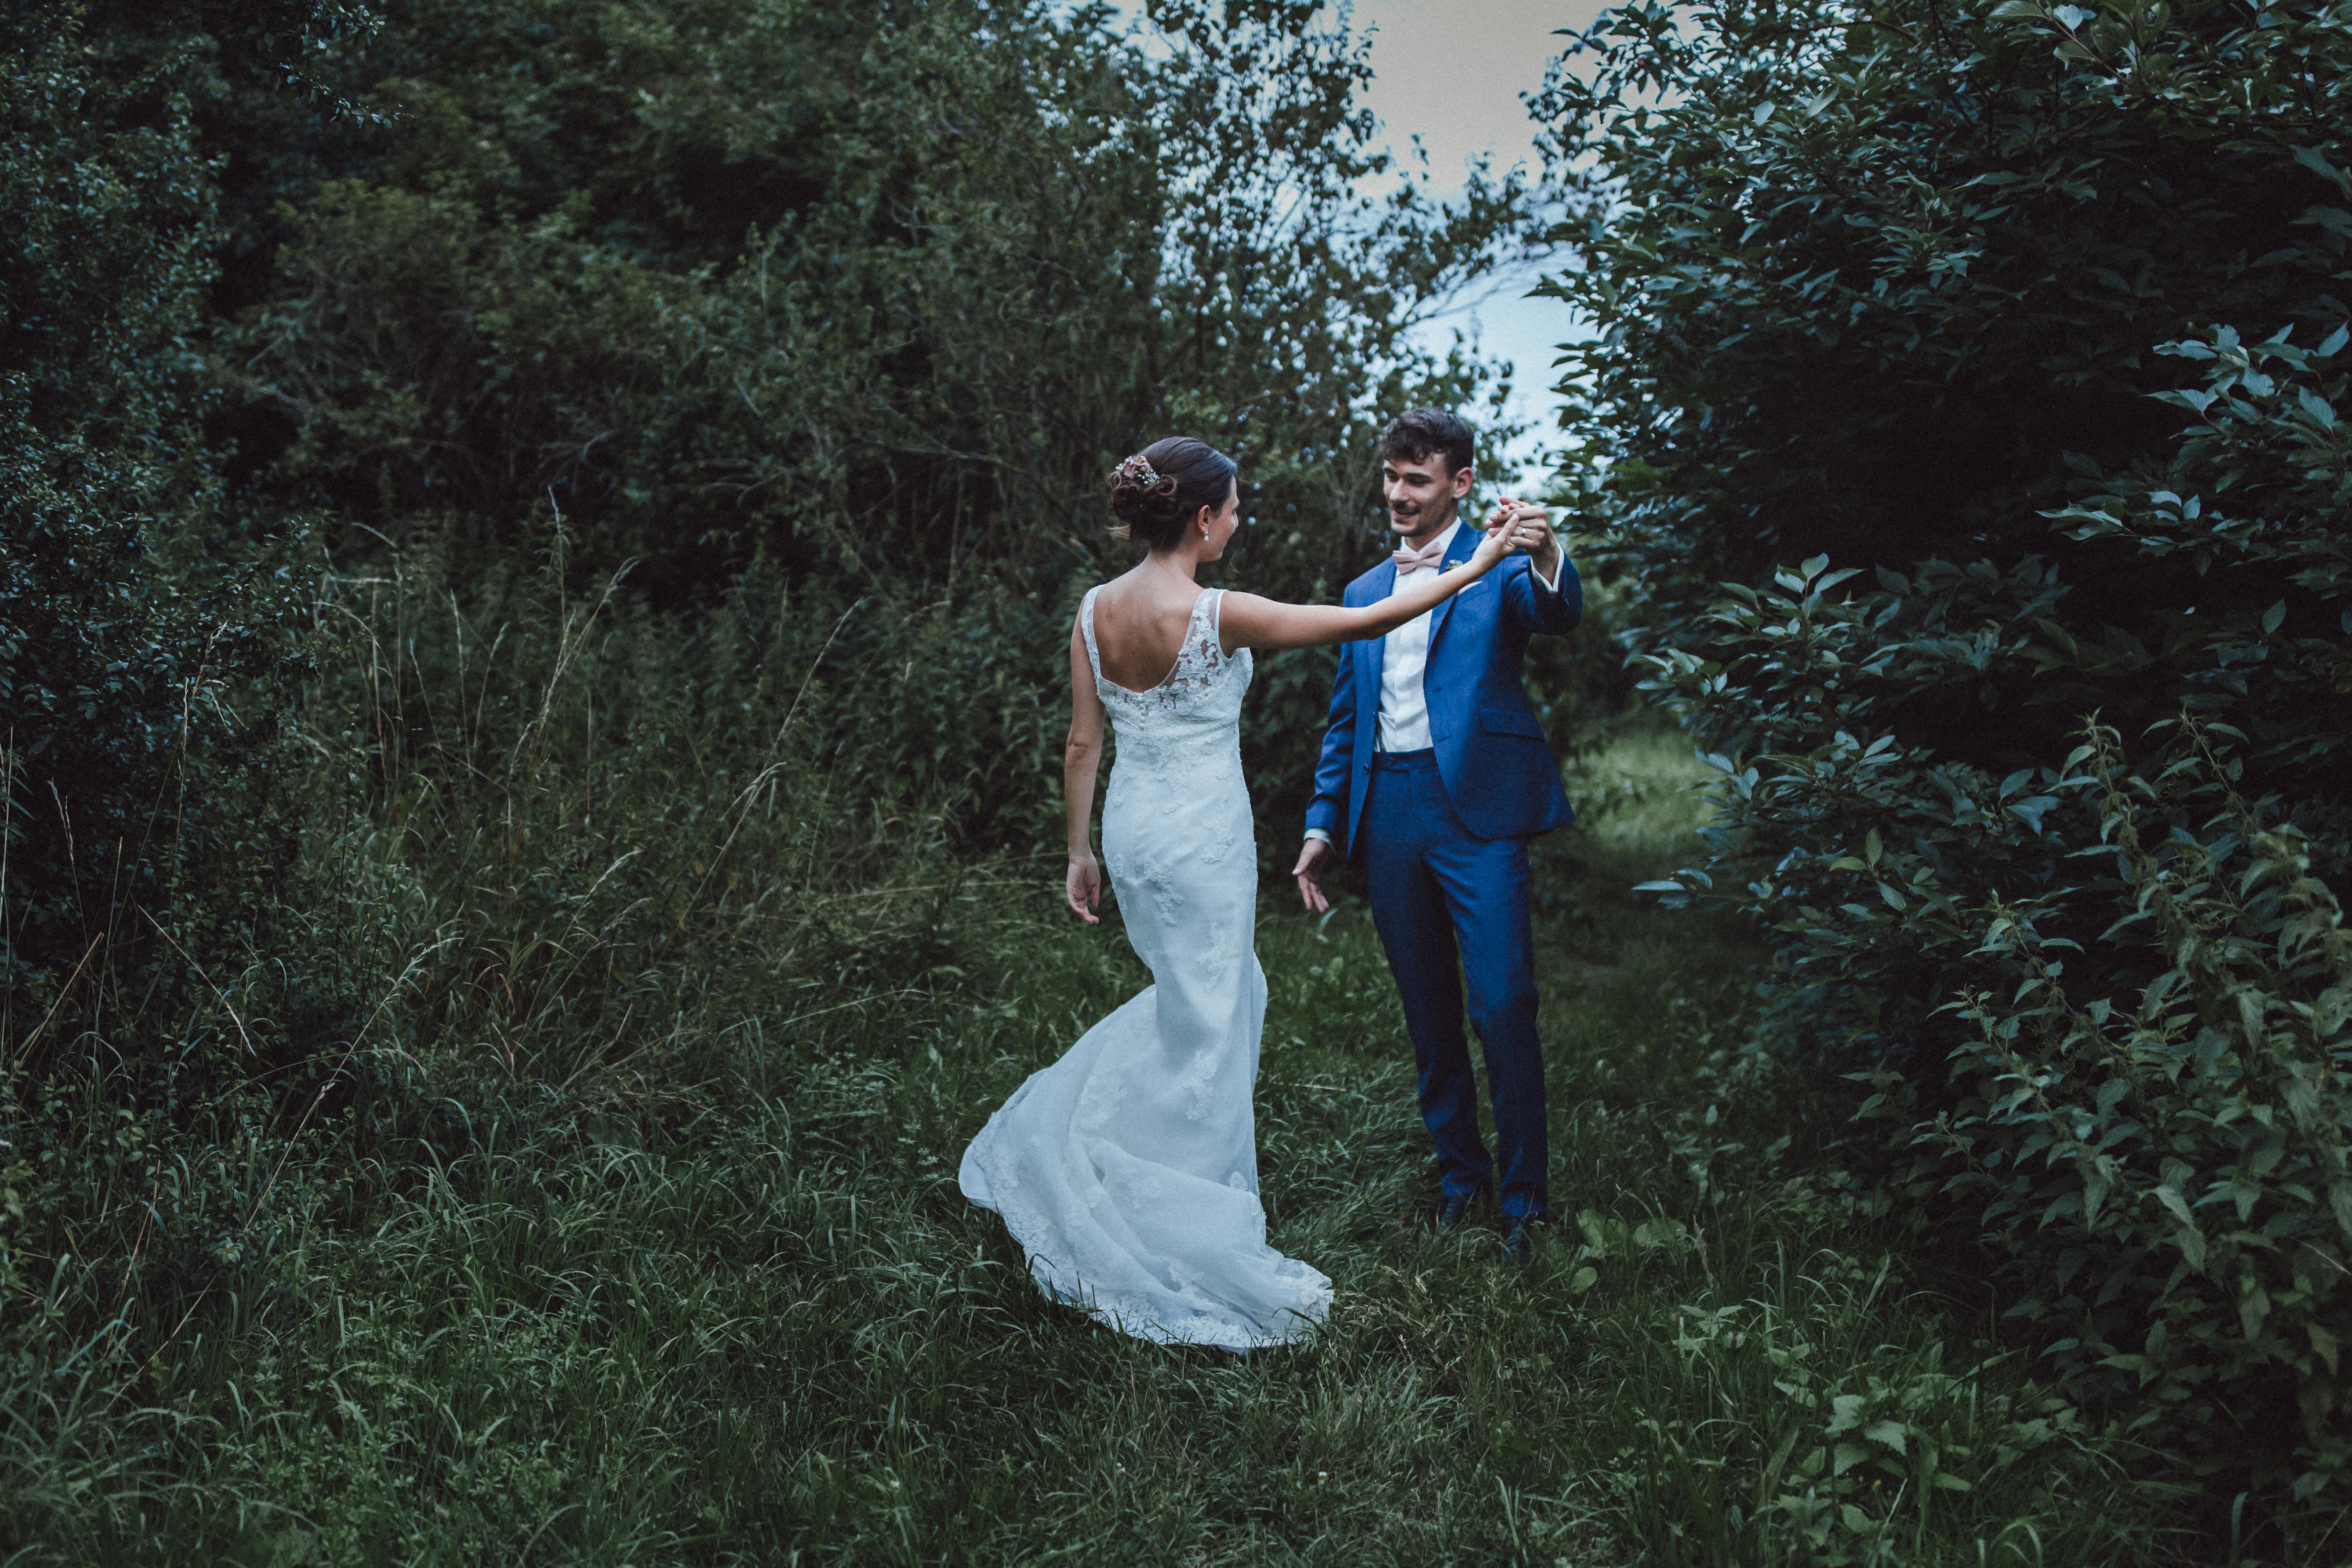 URBANERIE_Daniela_Goth_Hochzeitsfotografin_Nürnberg_Fürth_Erlangen_Schwabach_170715_1021